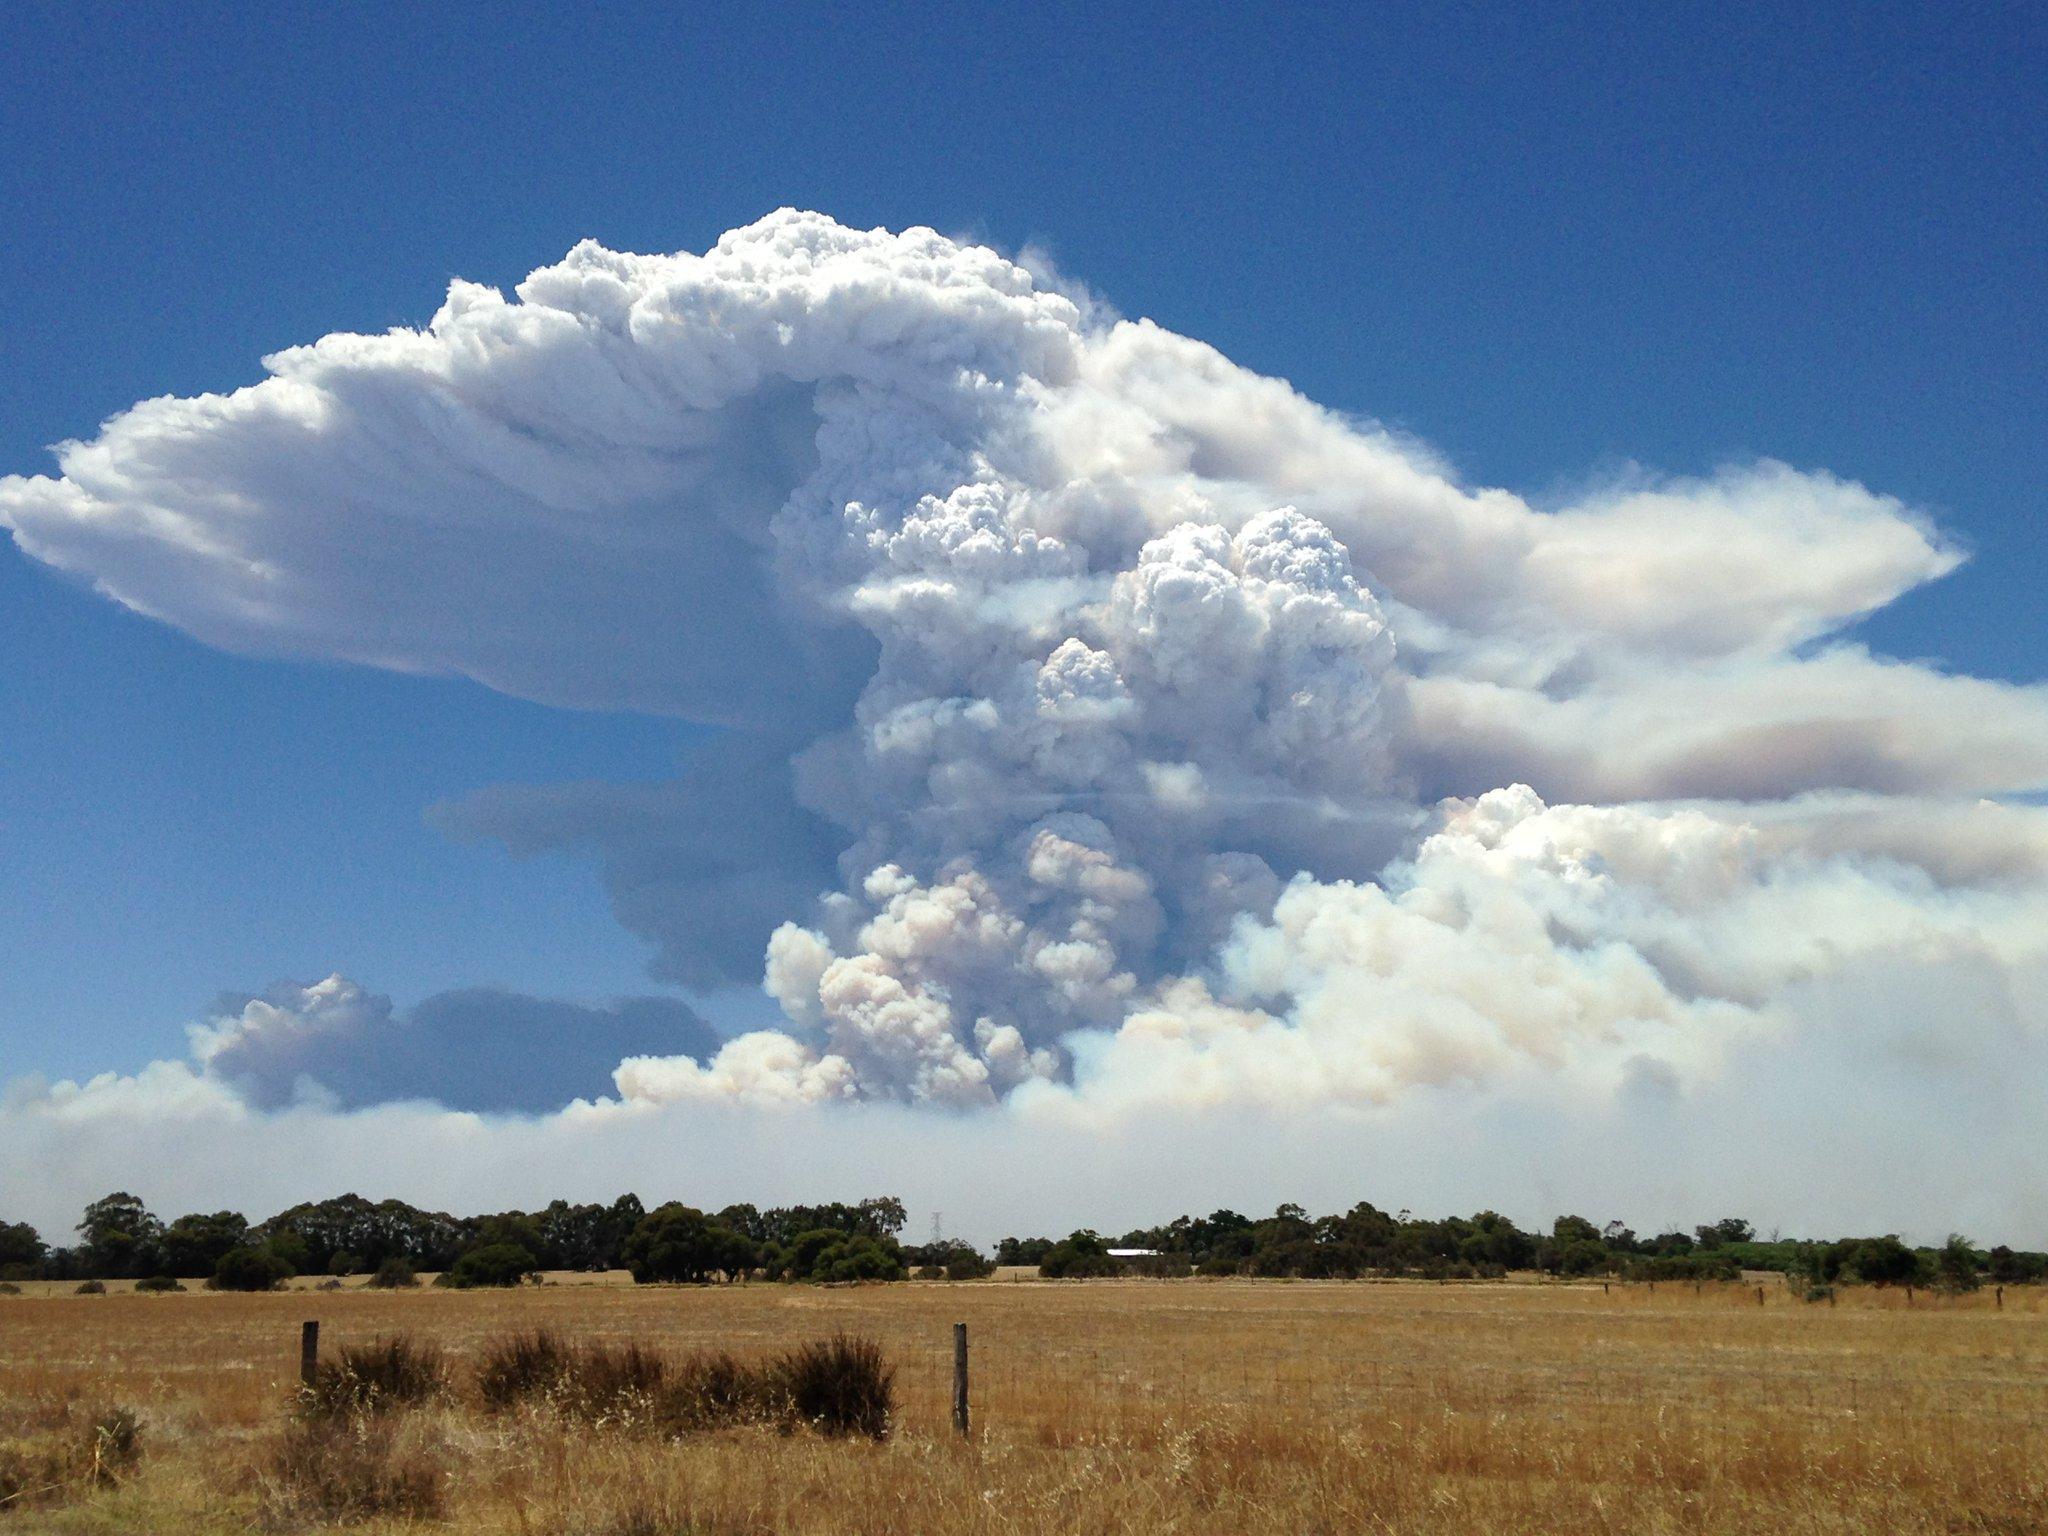 Bureau of meteorology western australia on twitter an - Bureau of meteorology australia ...